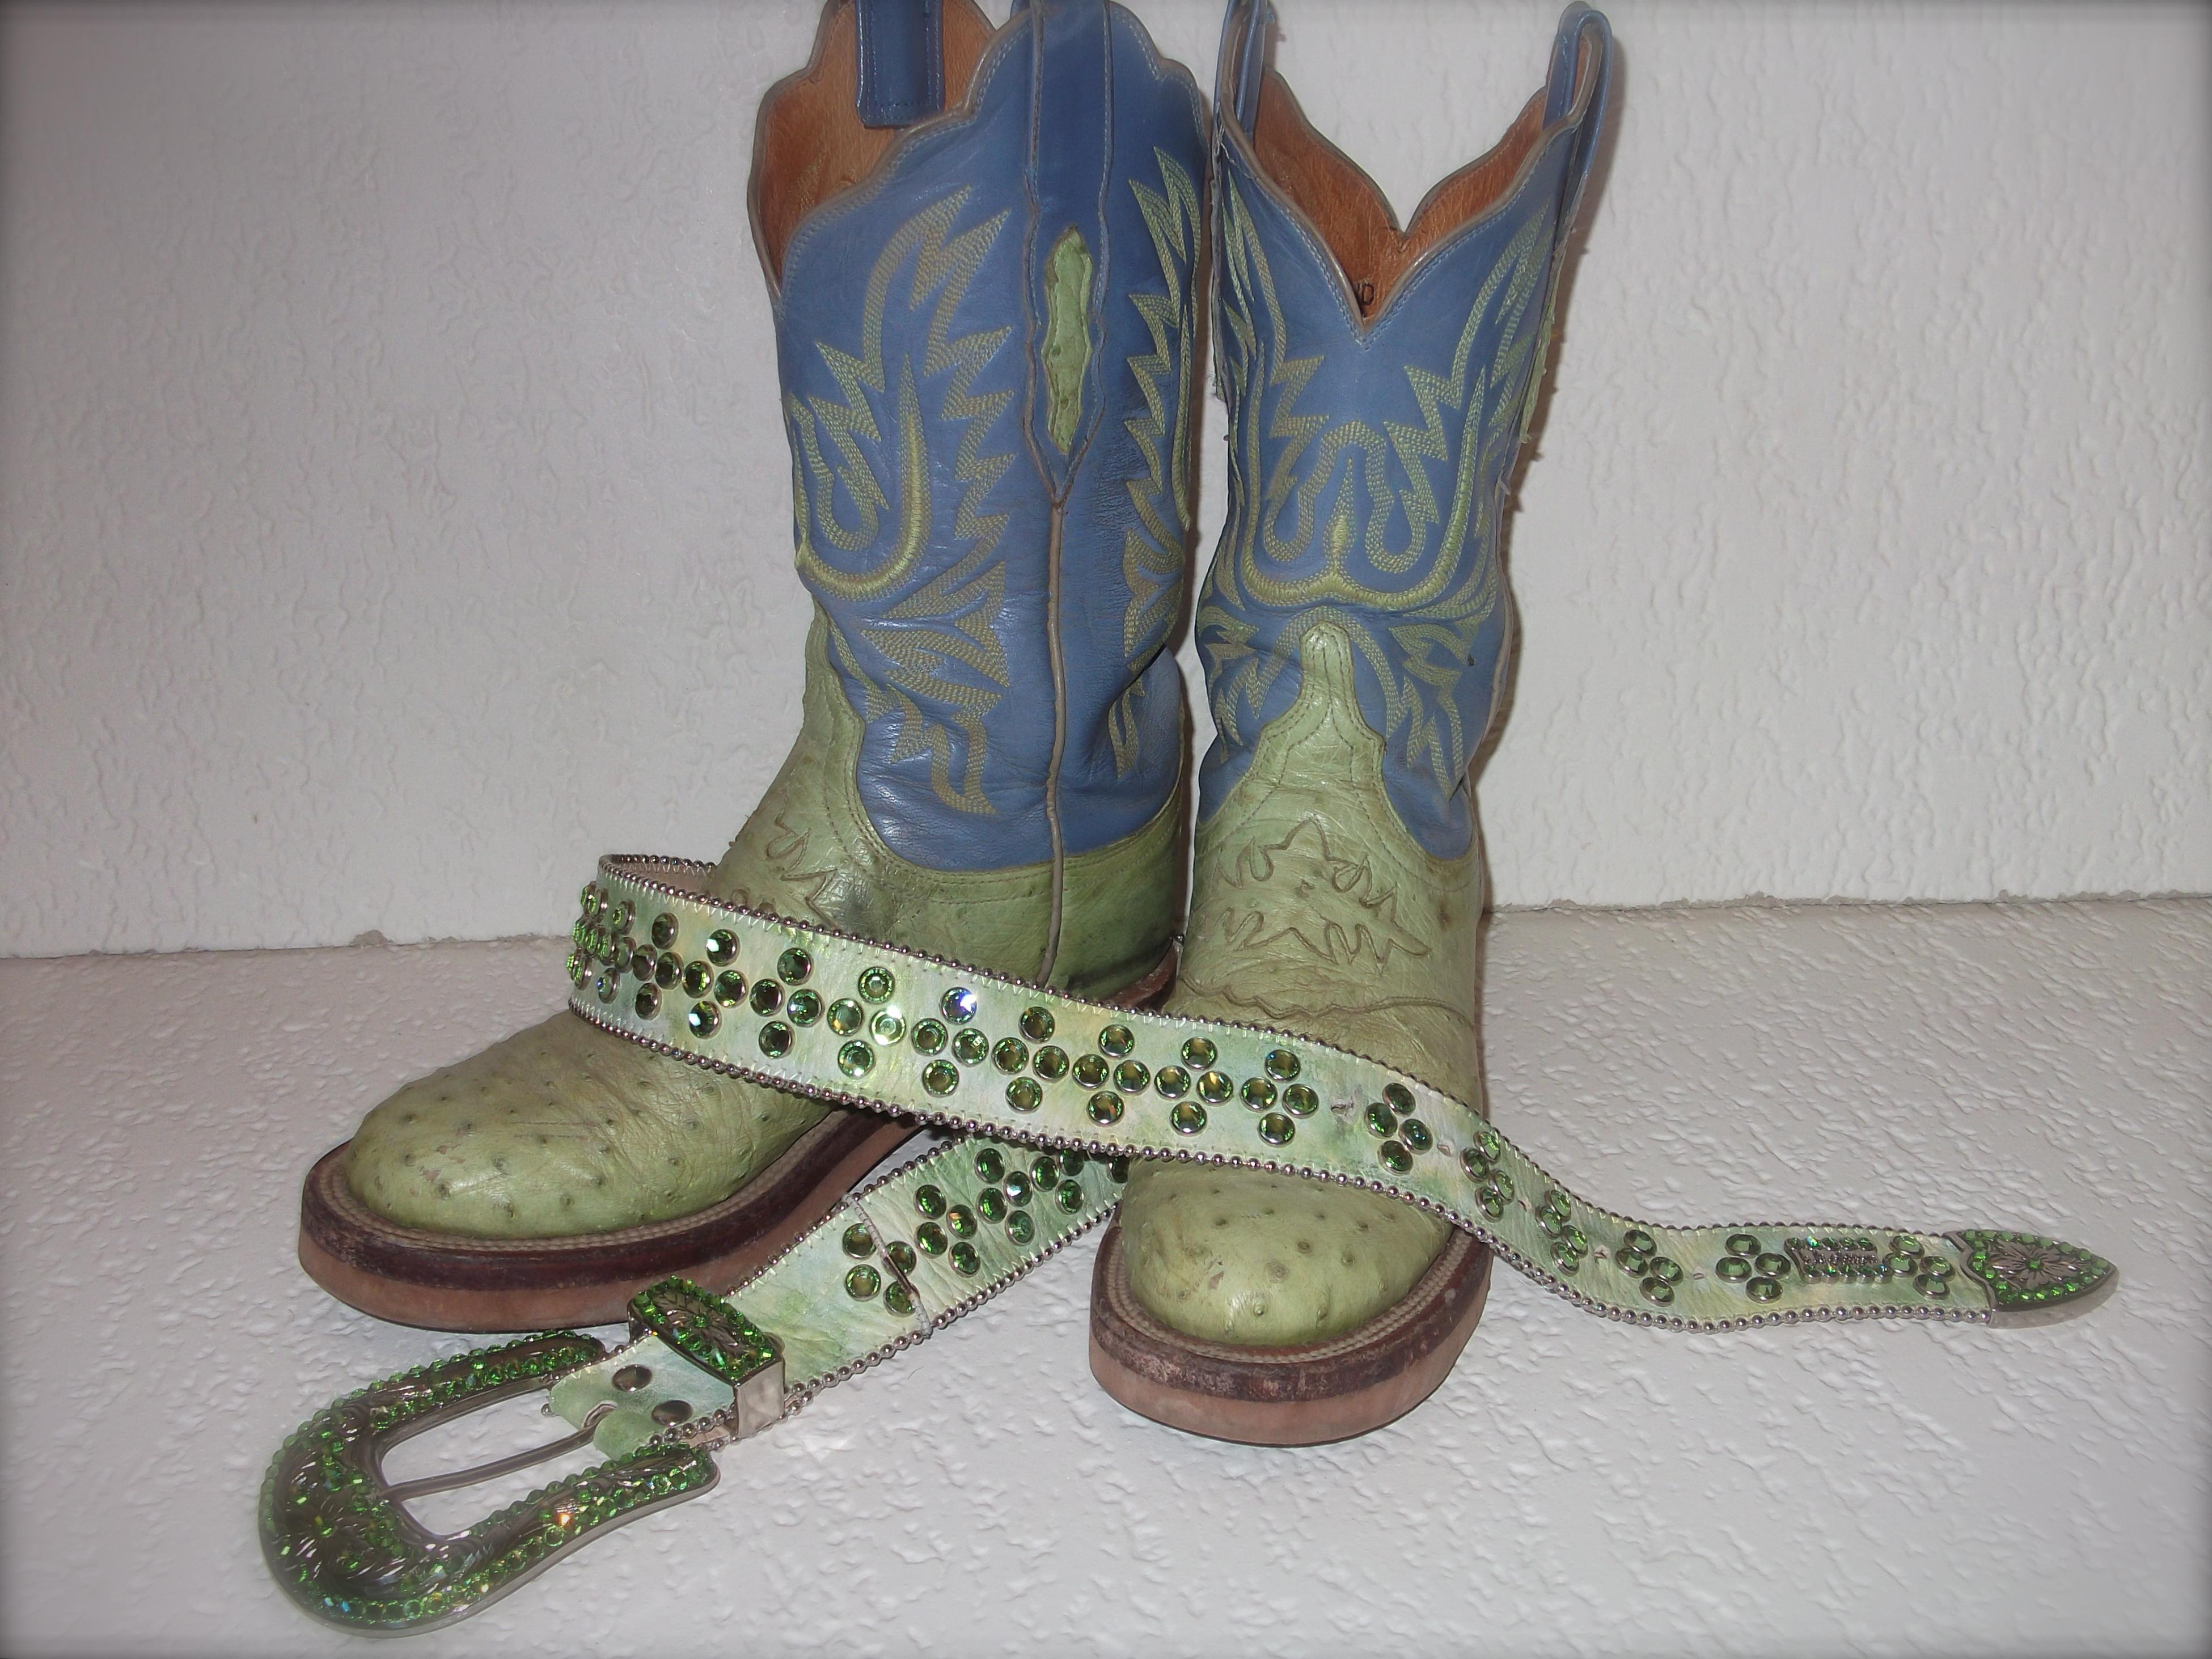 Pistachio Lucchese Cowboy Boots